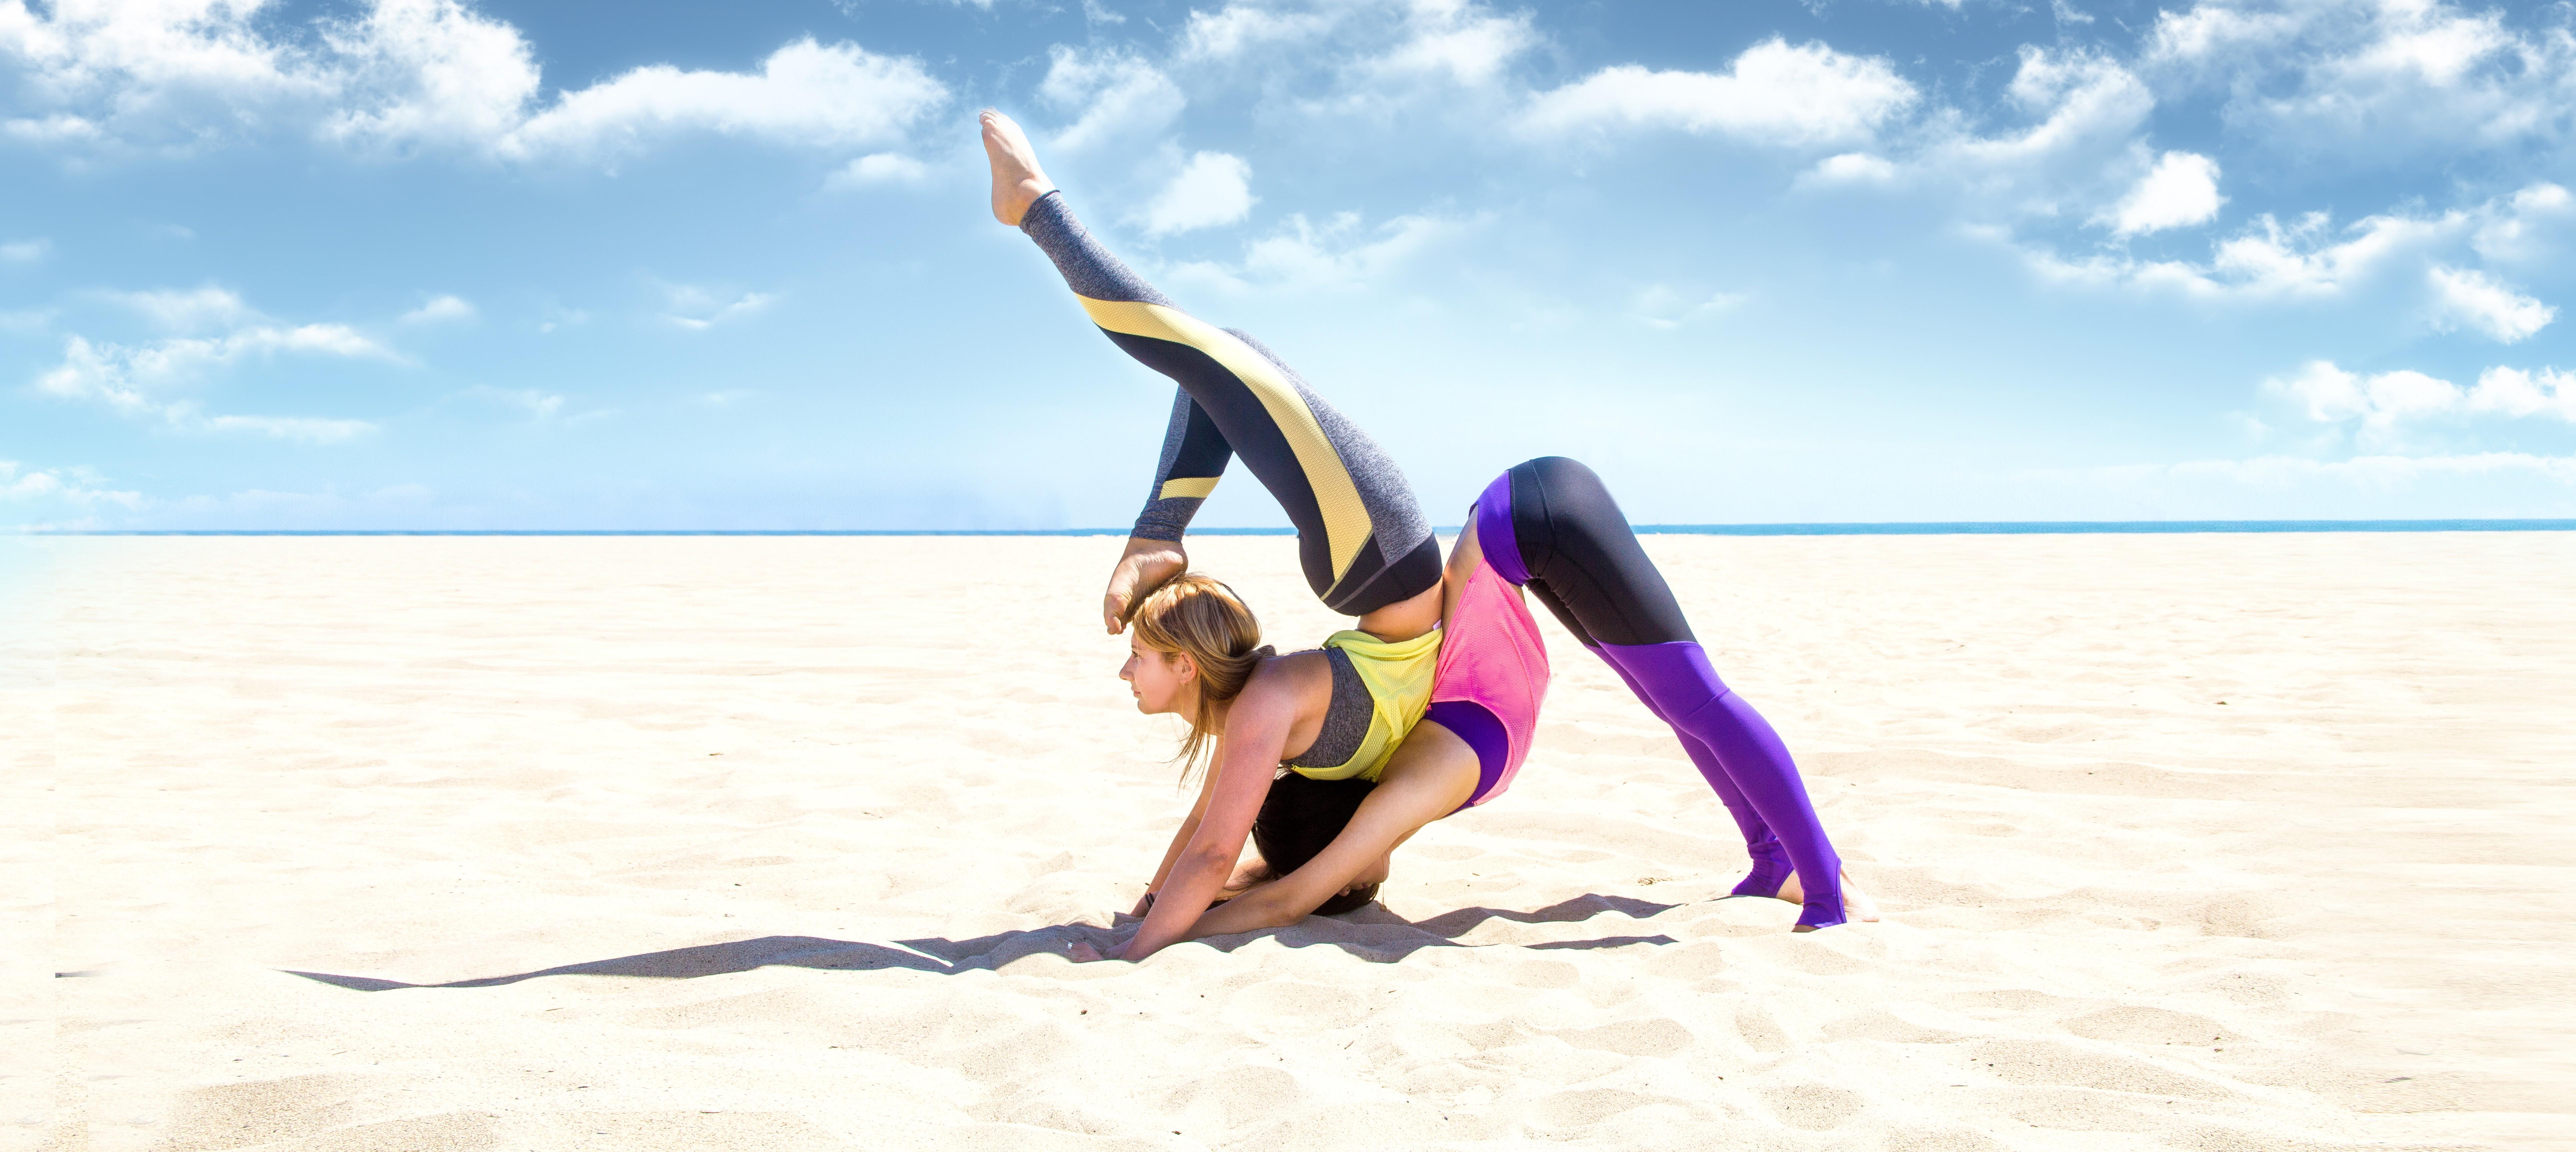 Wallpaper yoga, girl, weight loss, beach, sand, sky, relax ...